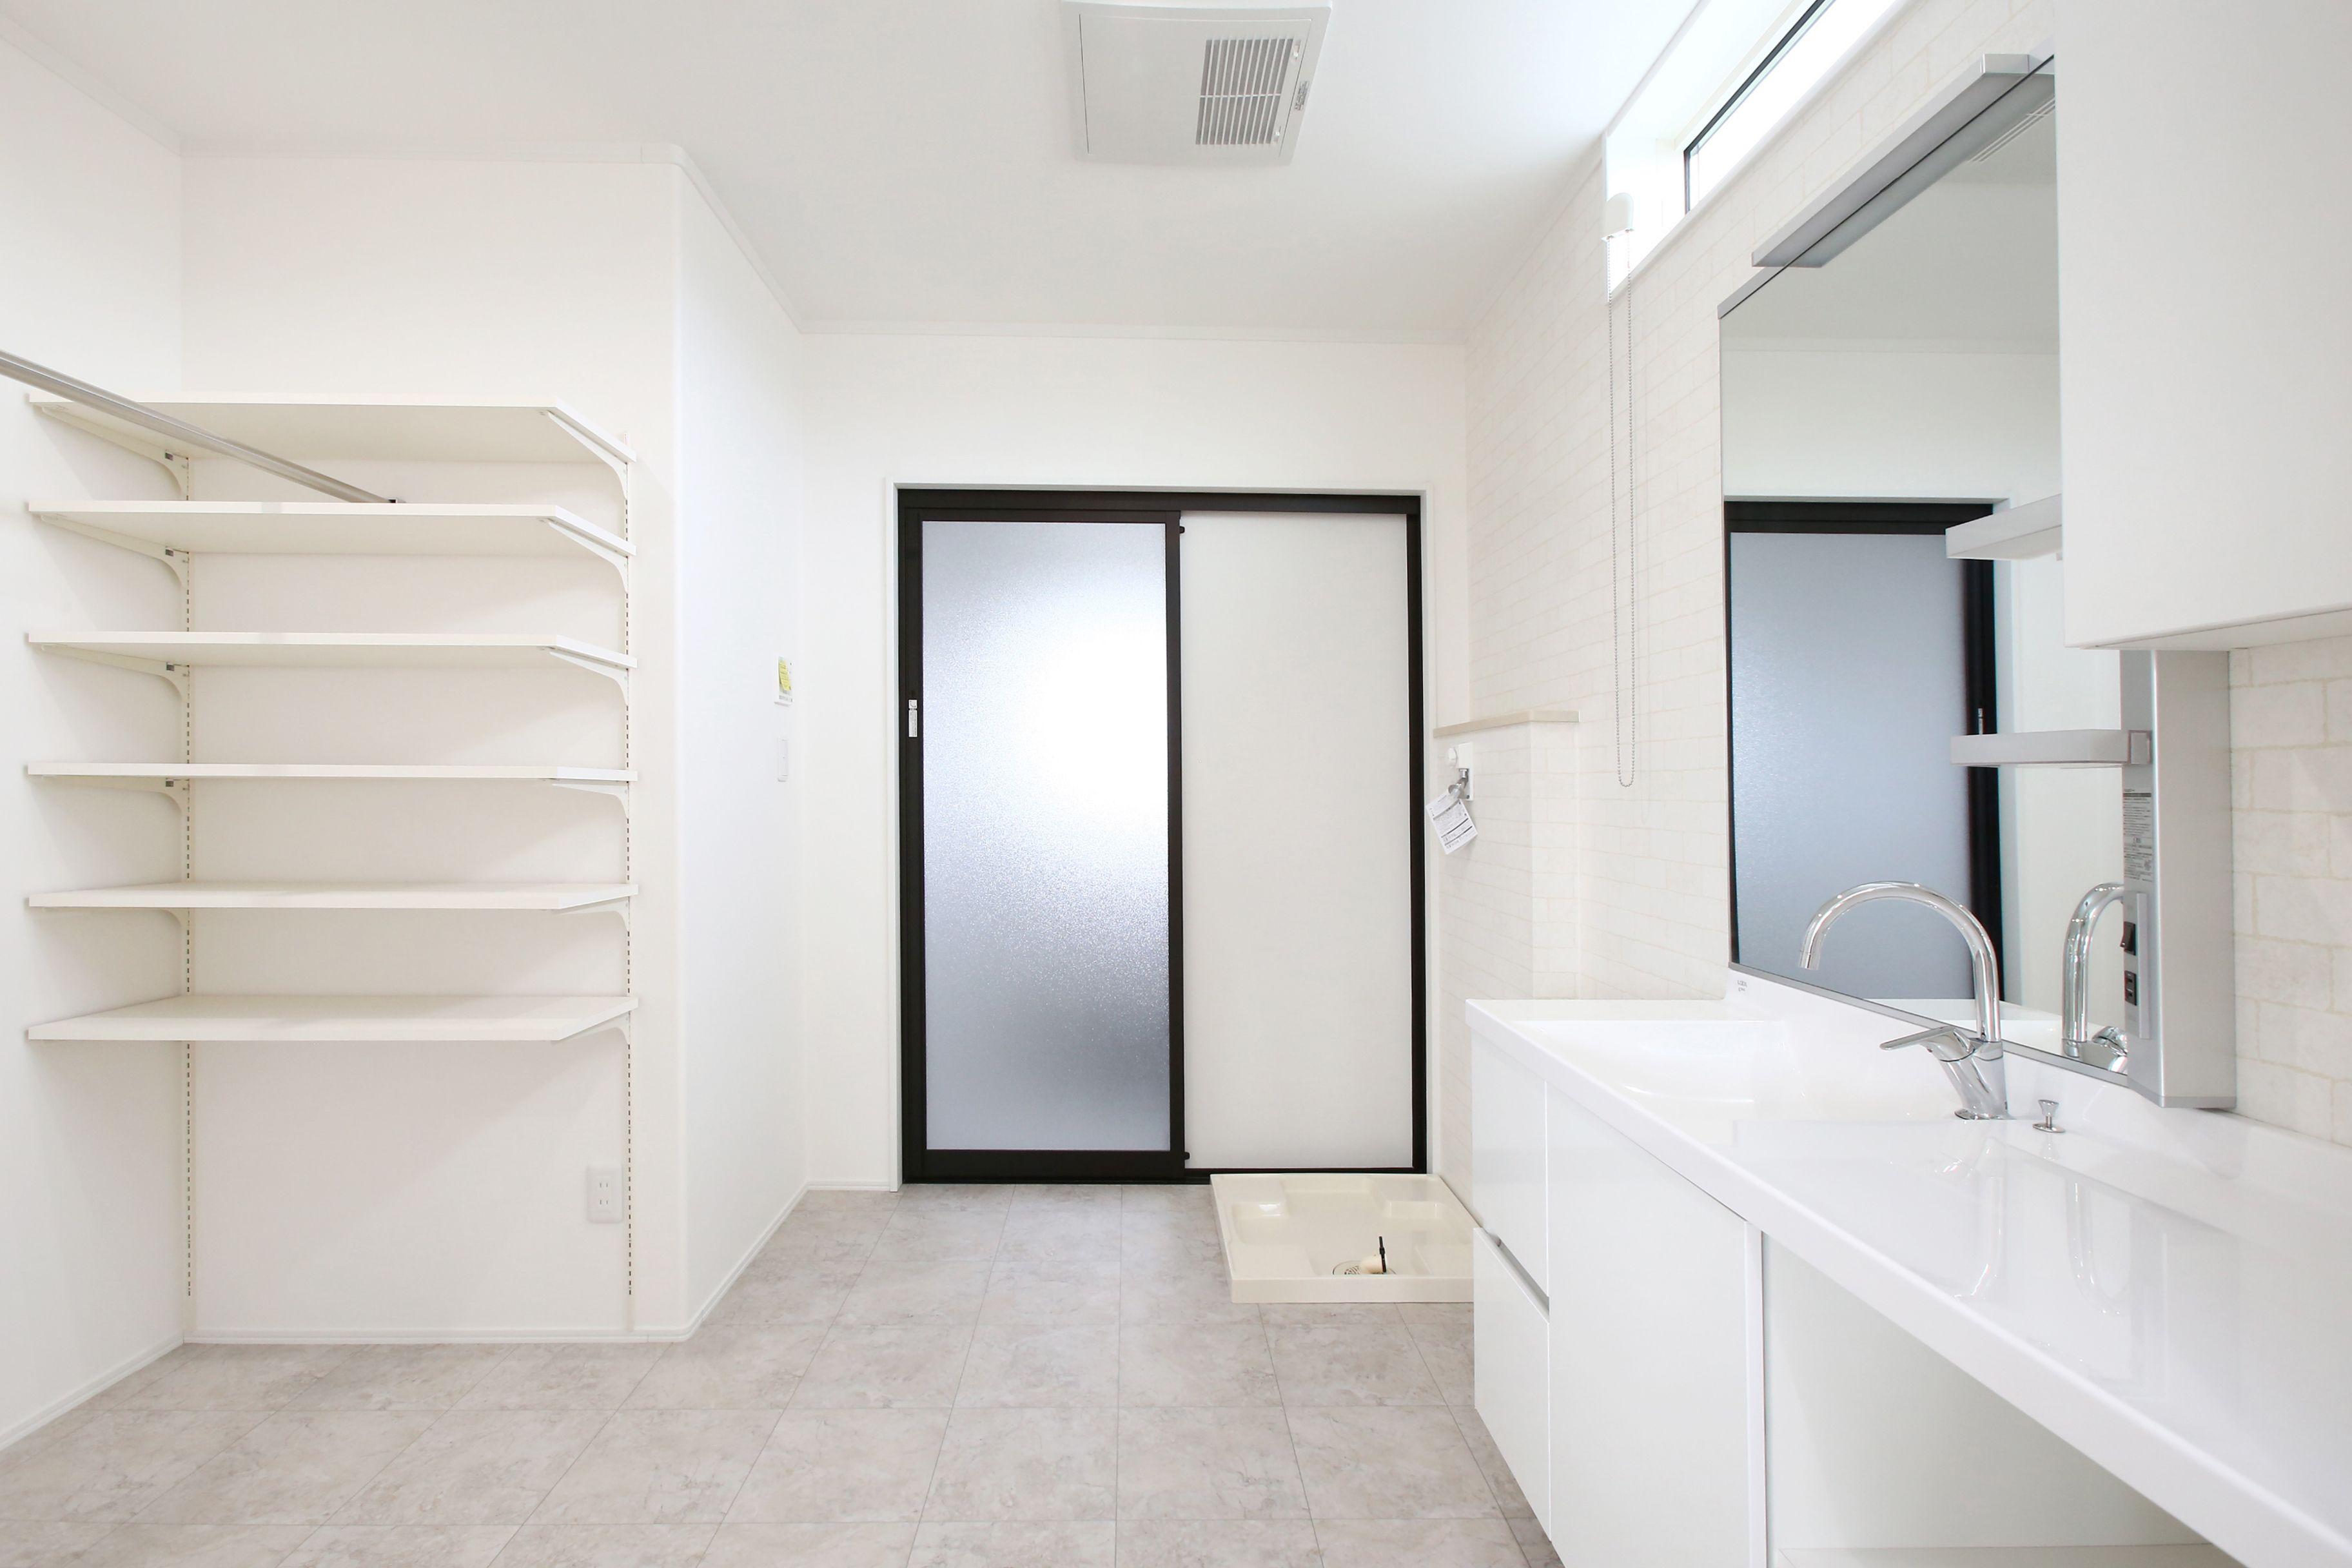 建築実例 二世帯住宅 洗面所 洗面台 Lixil エスタ ハンガーパイプ 可動